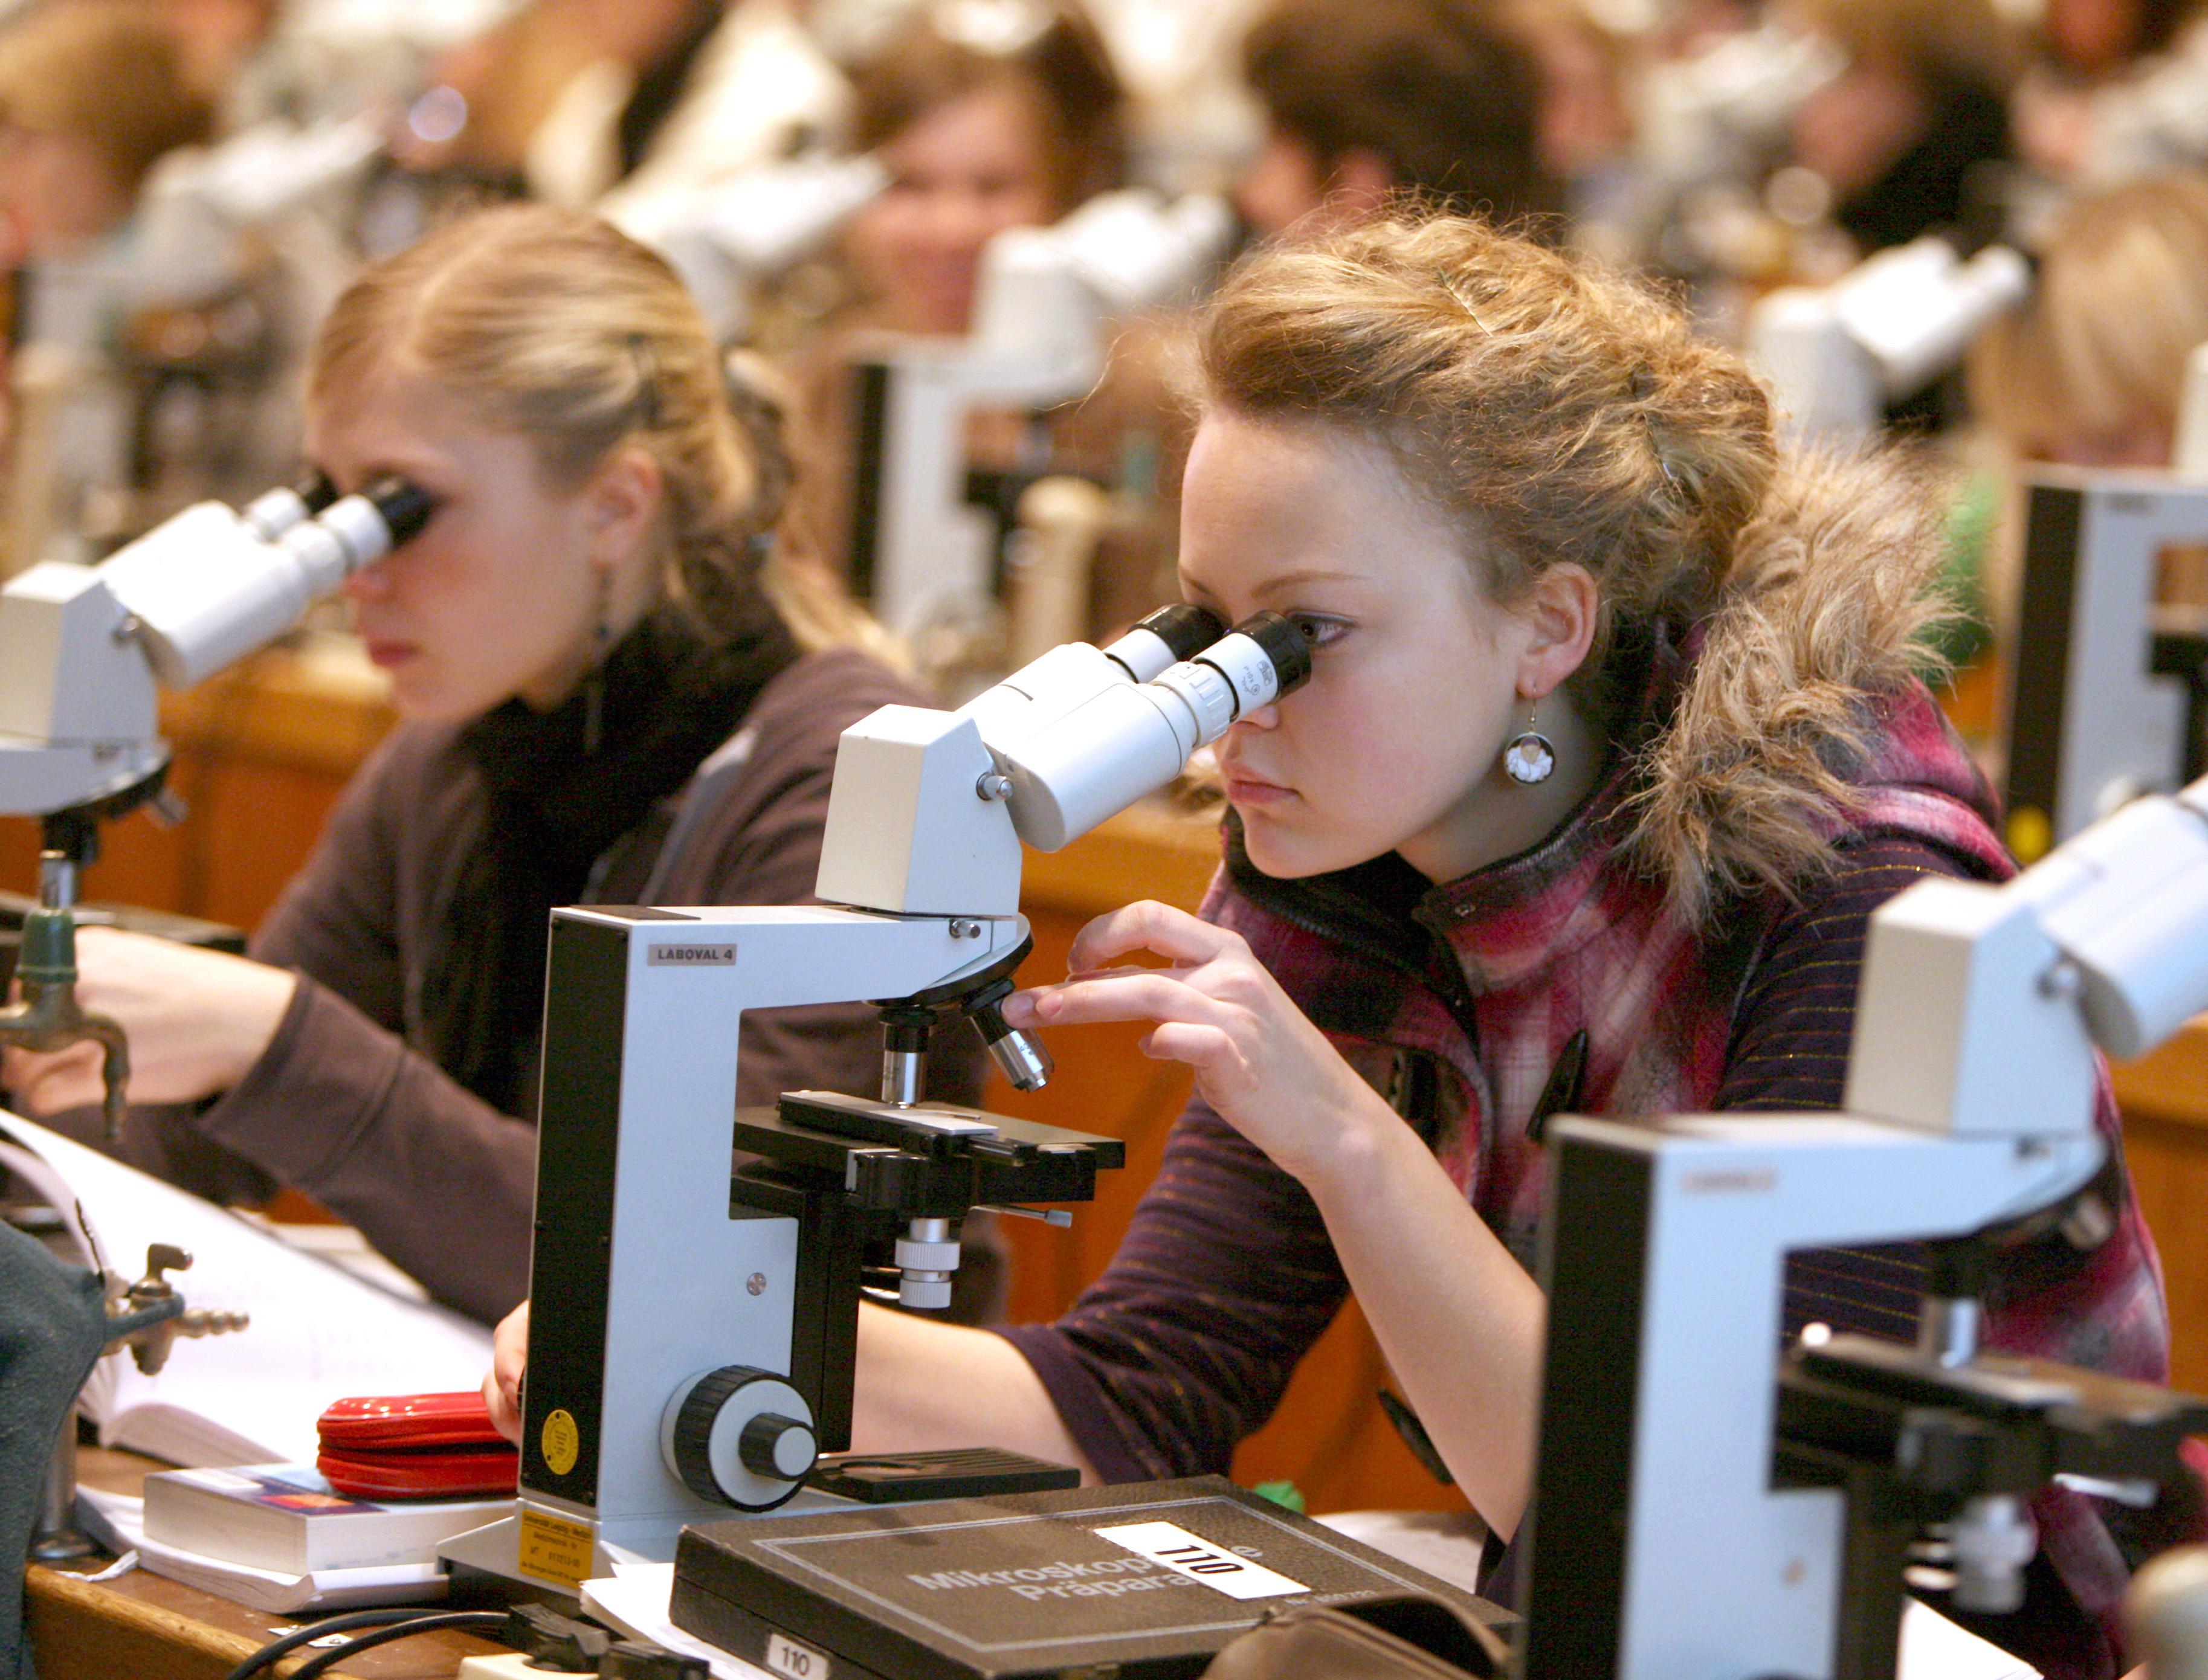 Eine Studentin der Human- und Zahnmedizin schaut bei einem Kurs am Institut für Anatomie der Universität in Leipzig durch das Mikroskop, aufgenommen am 13.01.2009. Die Leipziger Universität, die in diesem Jahr ihr 600-jähriges Bestehen feiert, ist in Deutschland nach Heidelberg die zweitälteste Hochschule, an der ohne Unterbrechung gelehrt und geforscht wurde. Foto: Waltraud Grubitzsch +++(c) dpa - Report+++ | Verwendung weltweit